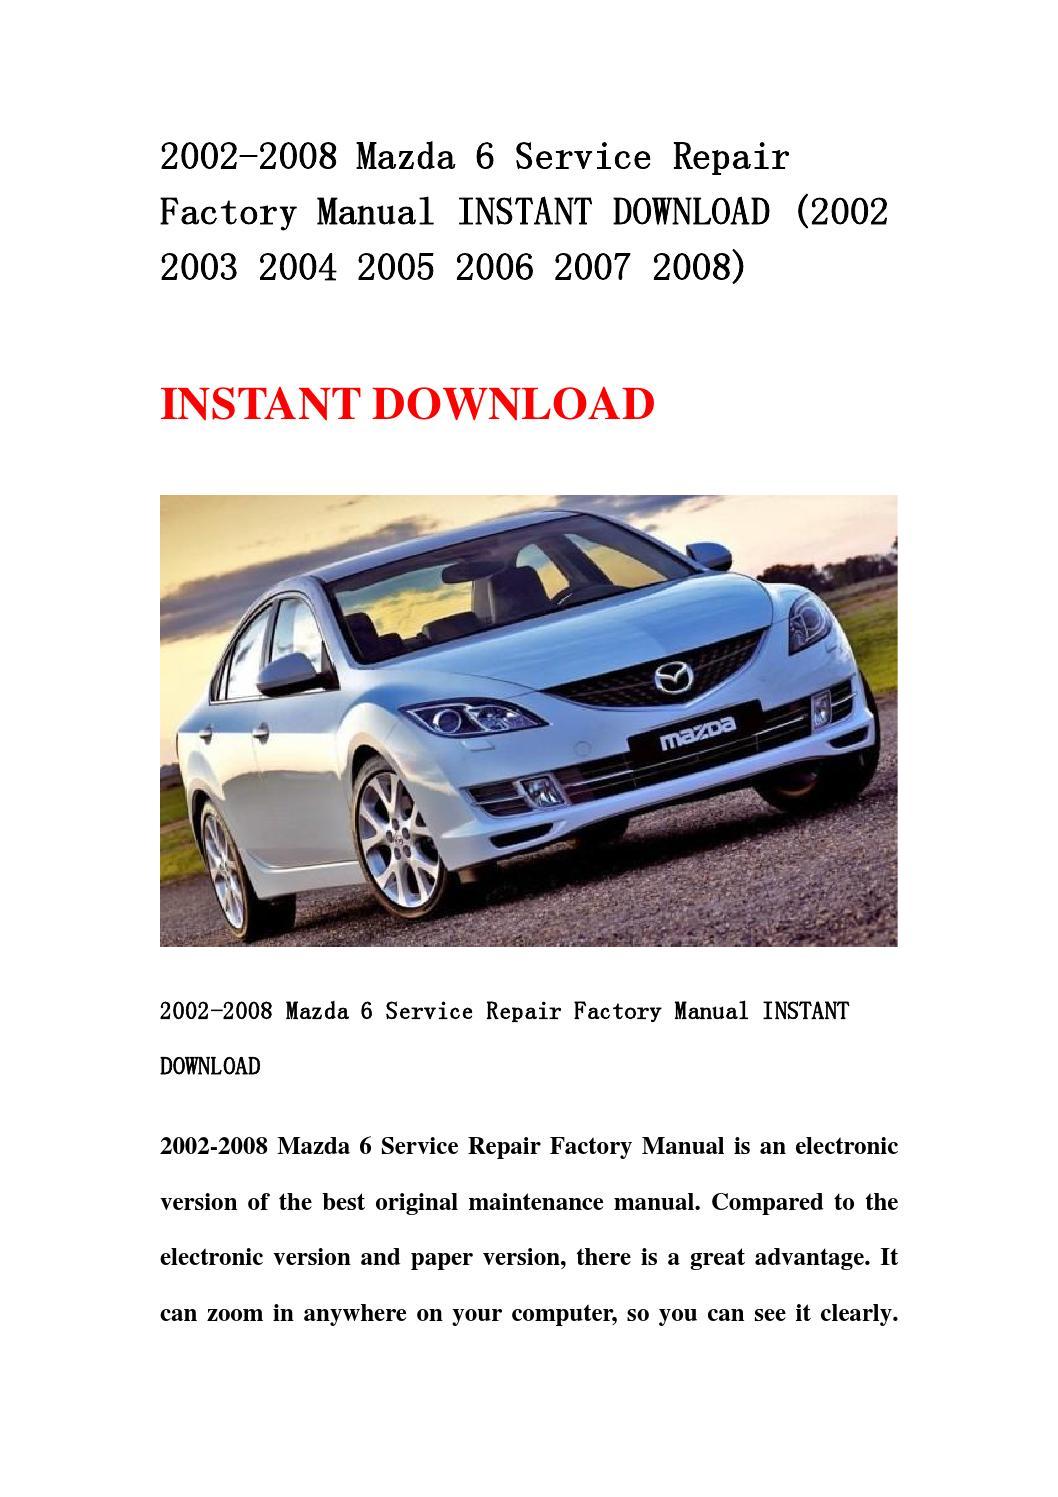 2005 mazda 6 price guide